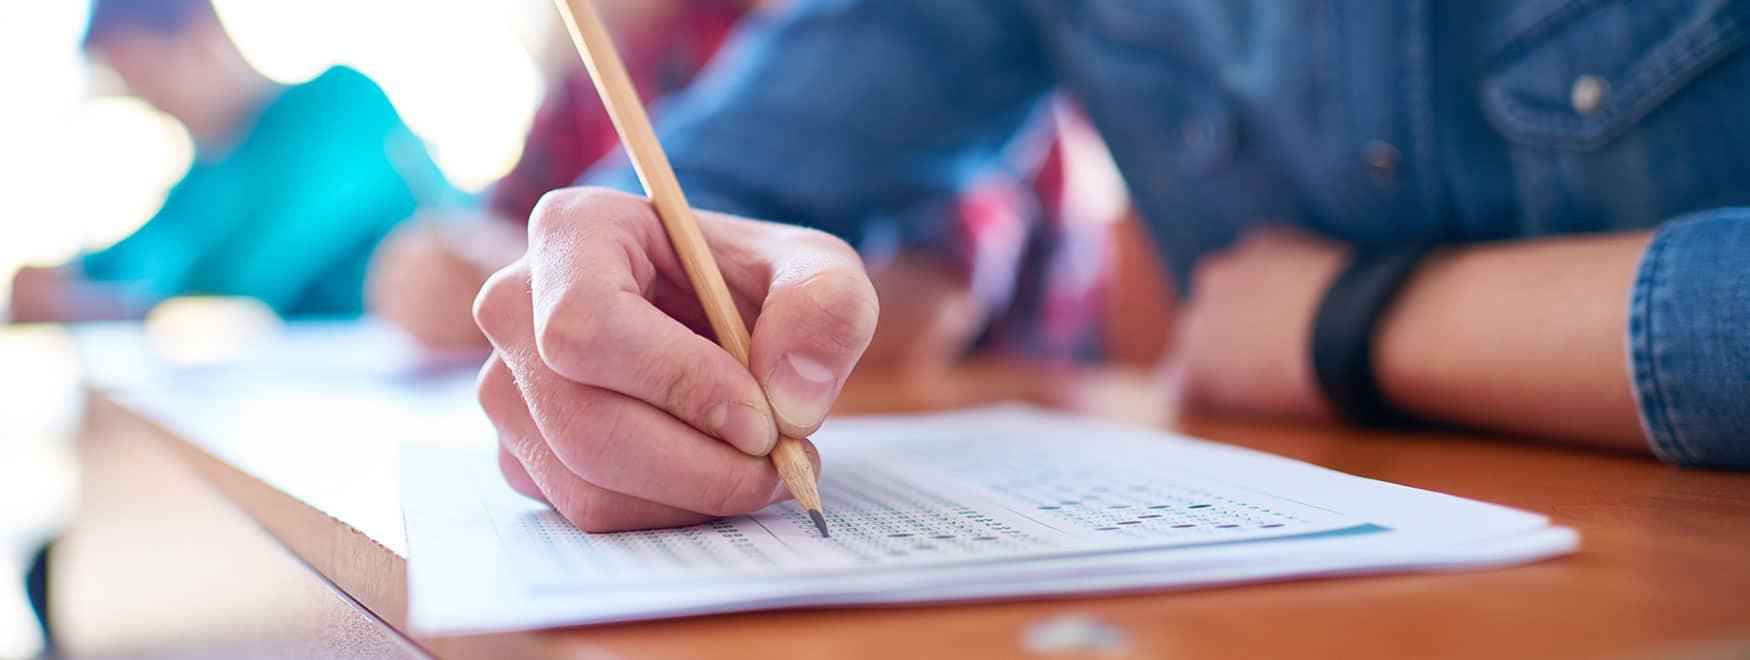 Test de niveau de Français avec ILA, école de FLE